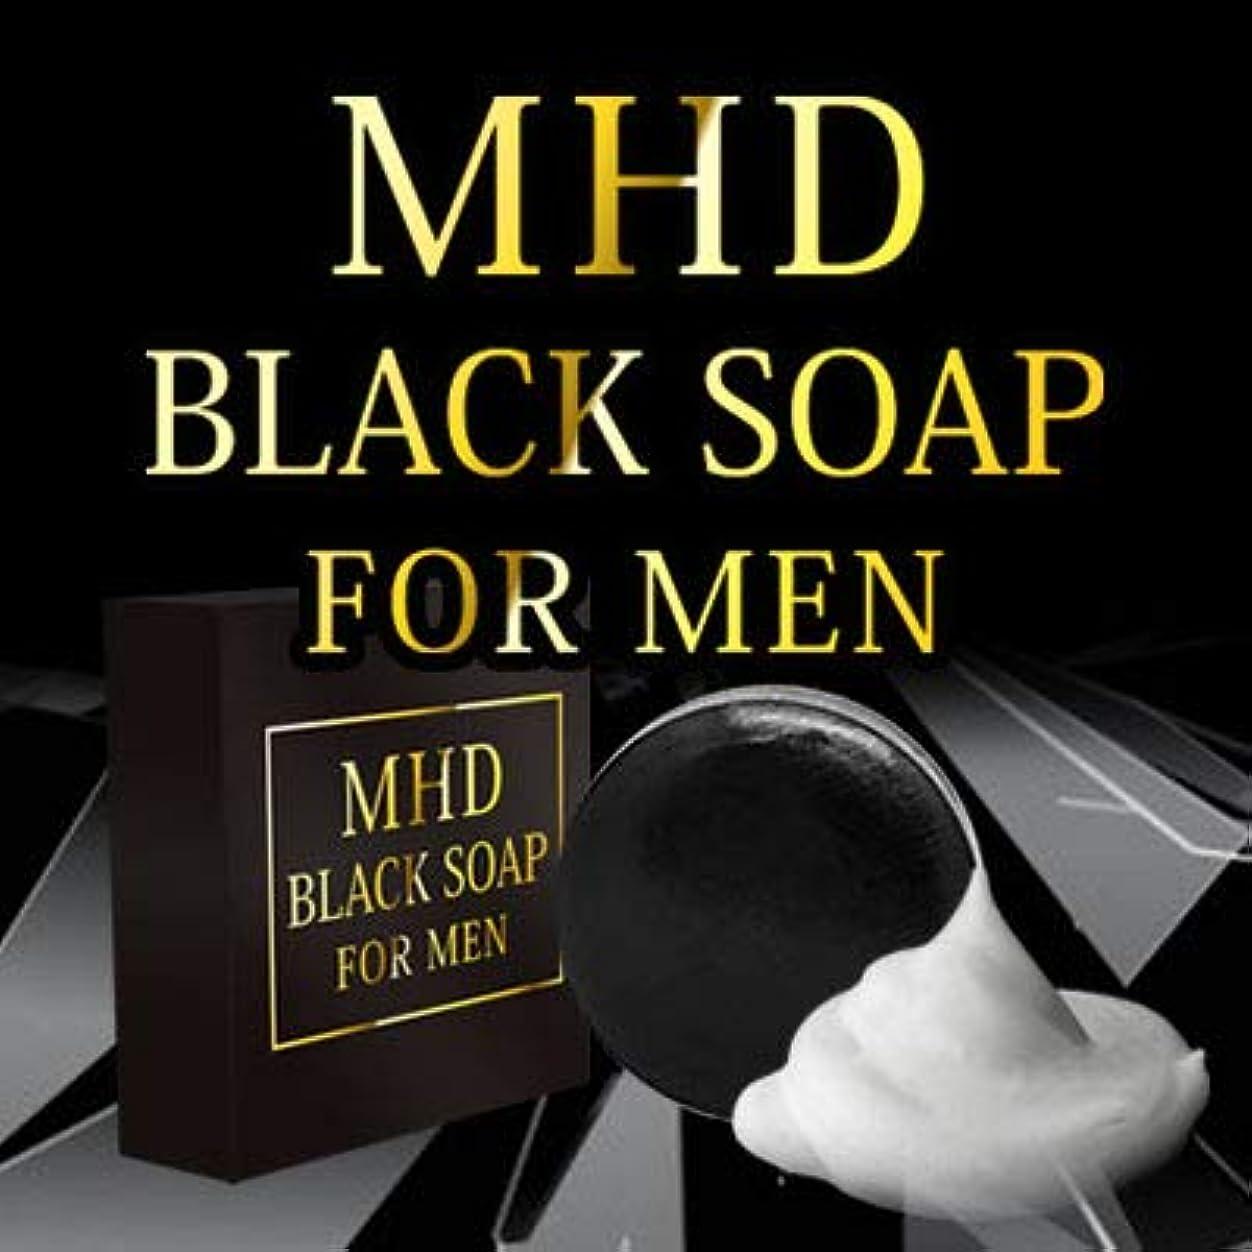 下品クアッガ批判MHD石鹸(BLACK SOAP FOR MEN) メンズ用全身ソープ